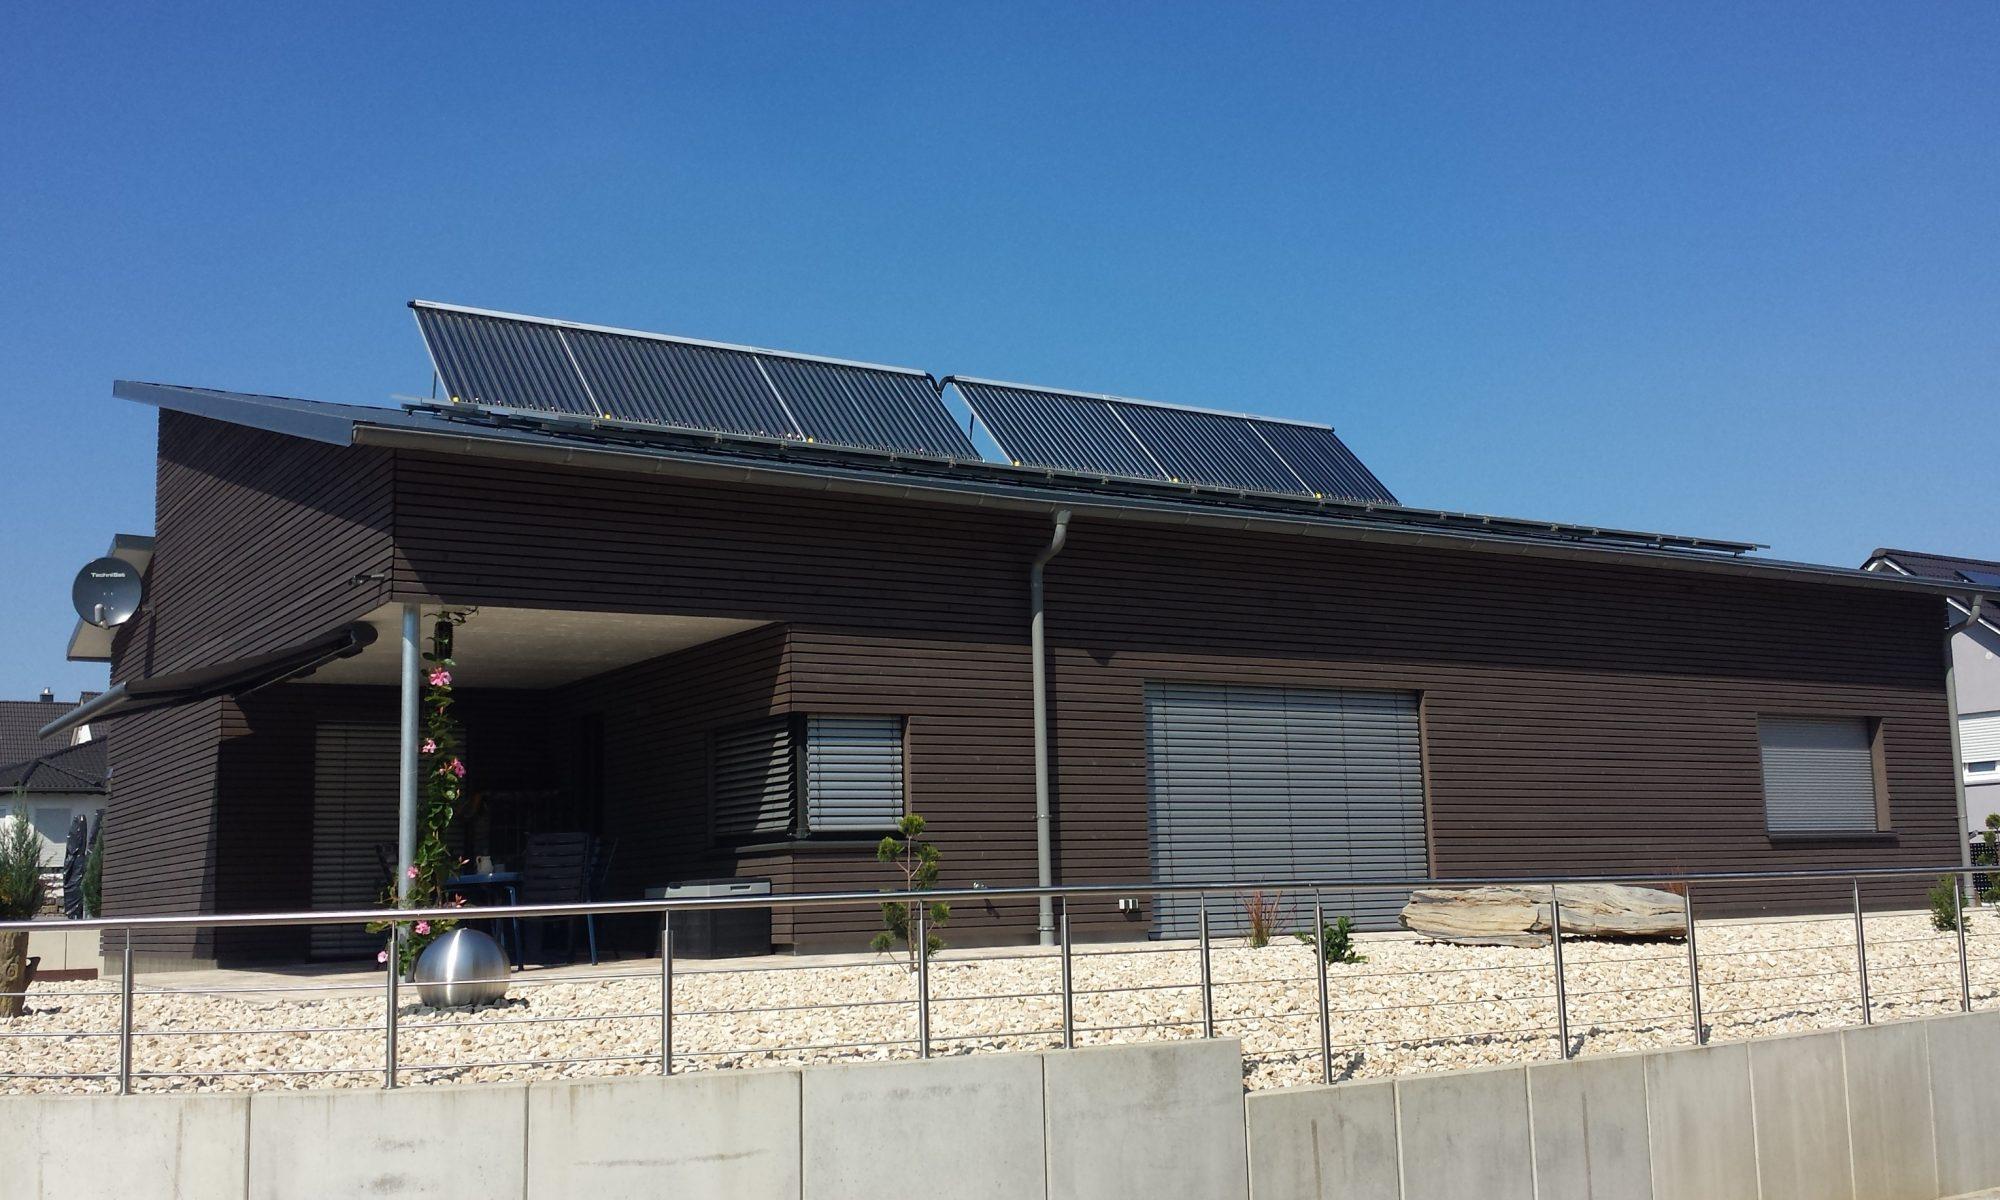 Solarthermieanlage auf einem Pultdach aufgeständert